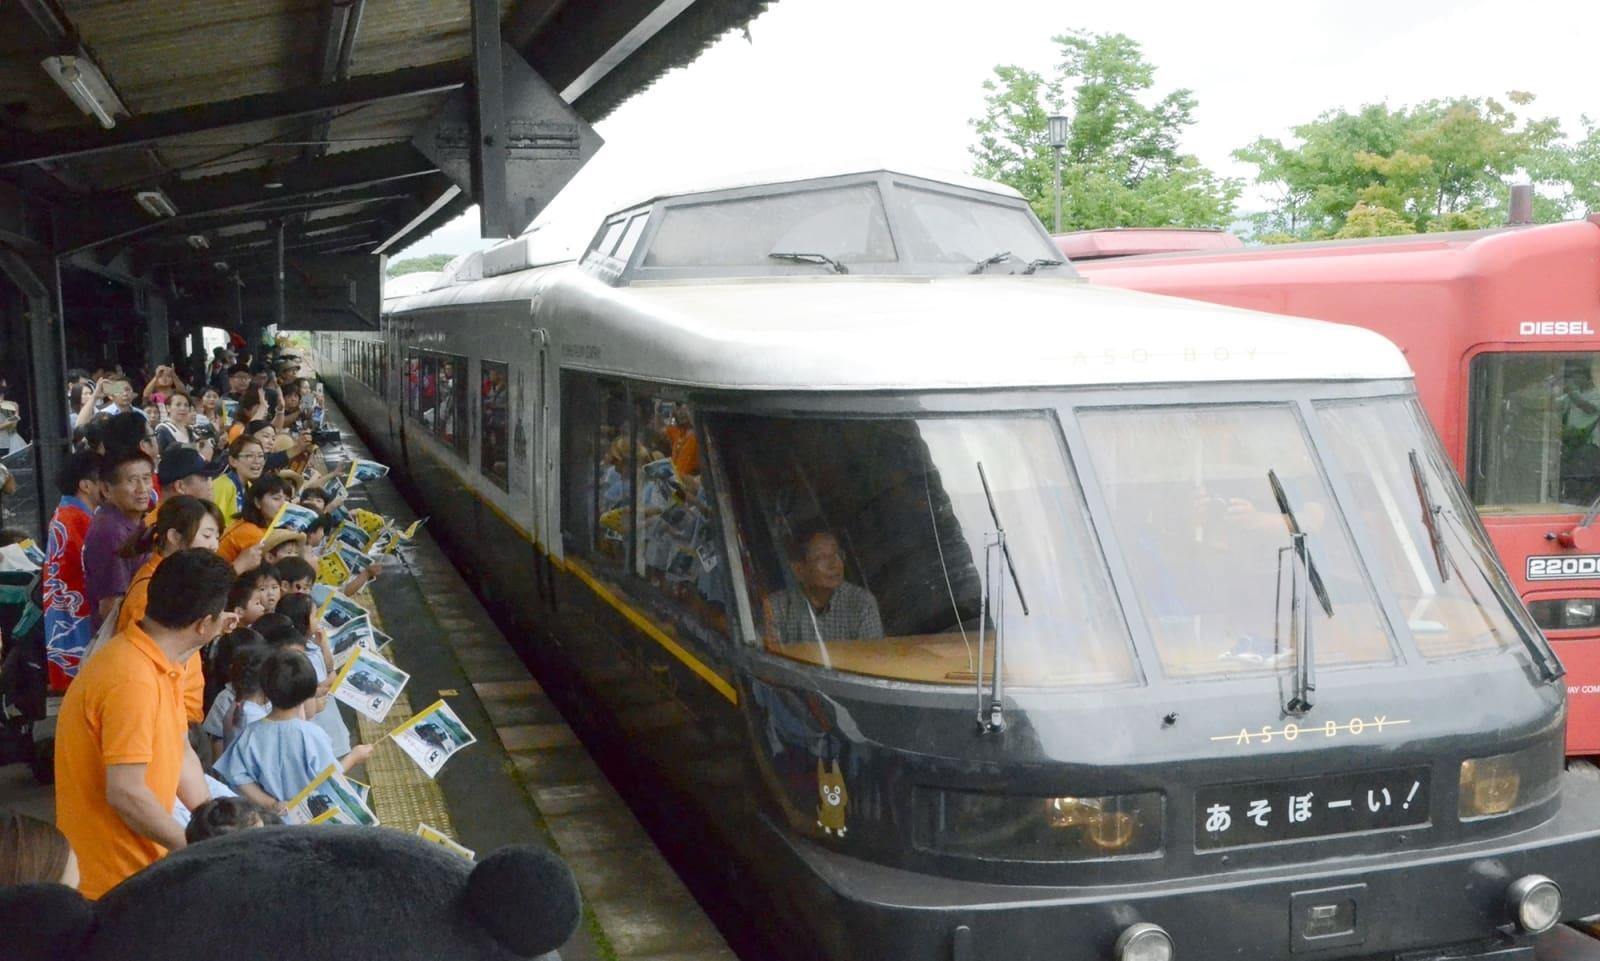 阿蘇-別府の新ルートで運行を開始し、熊本地震後初めて阿蘇駅に乗り入れた「あそぼーい!」